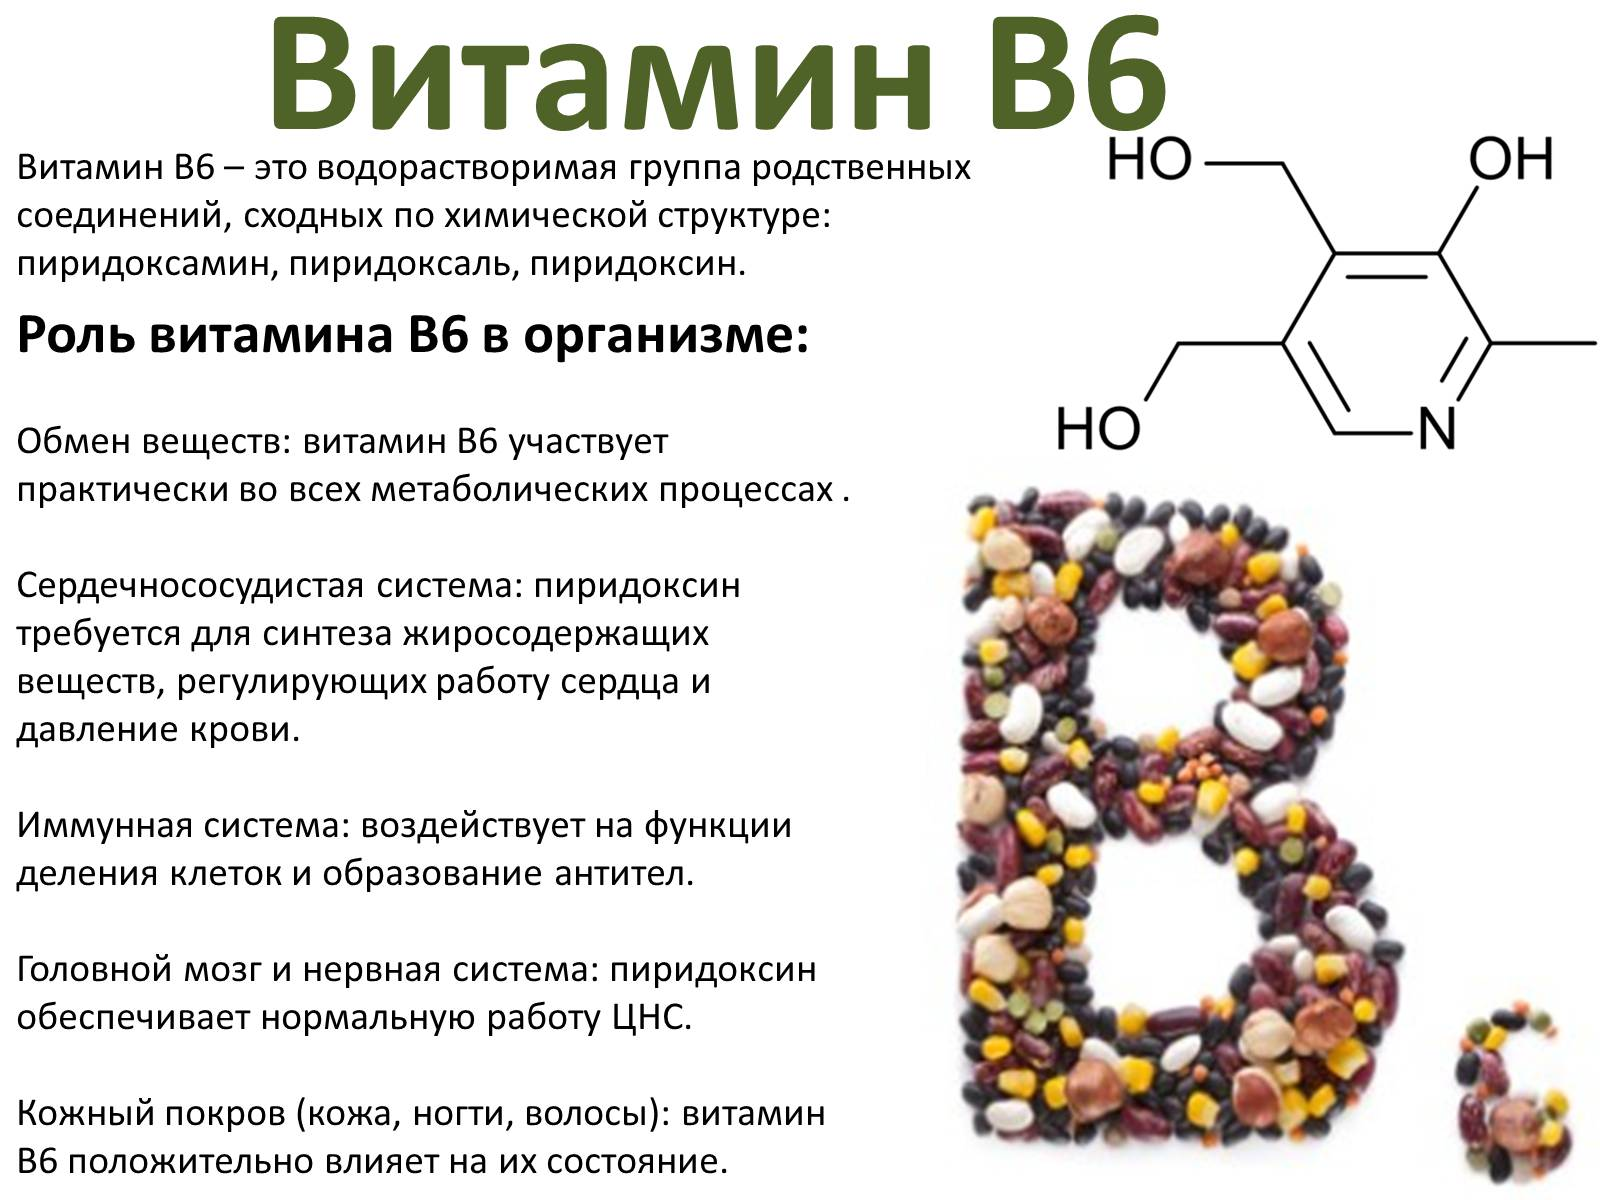 Витамины группы b: для чего нужны организму?